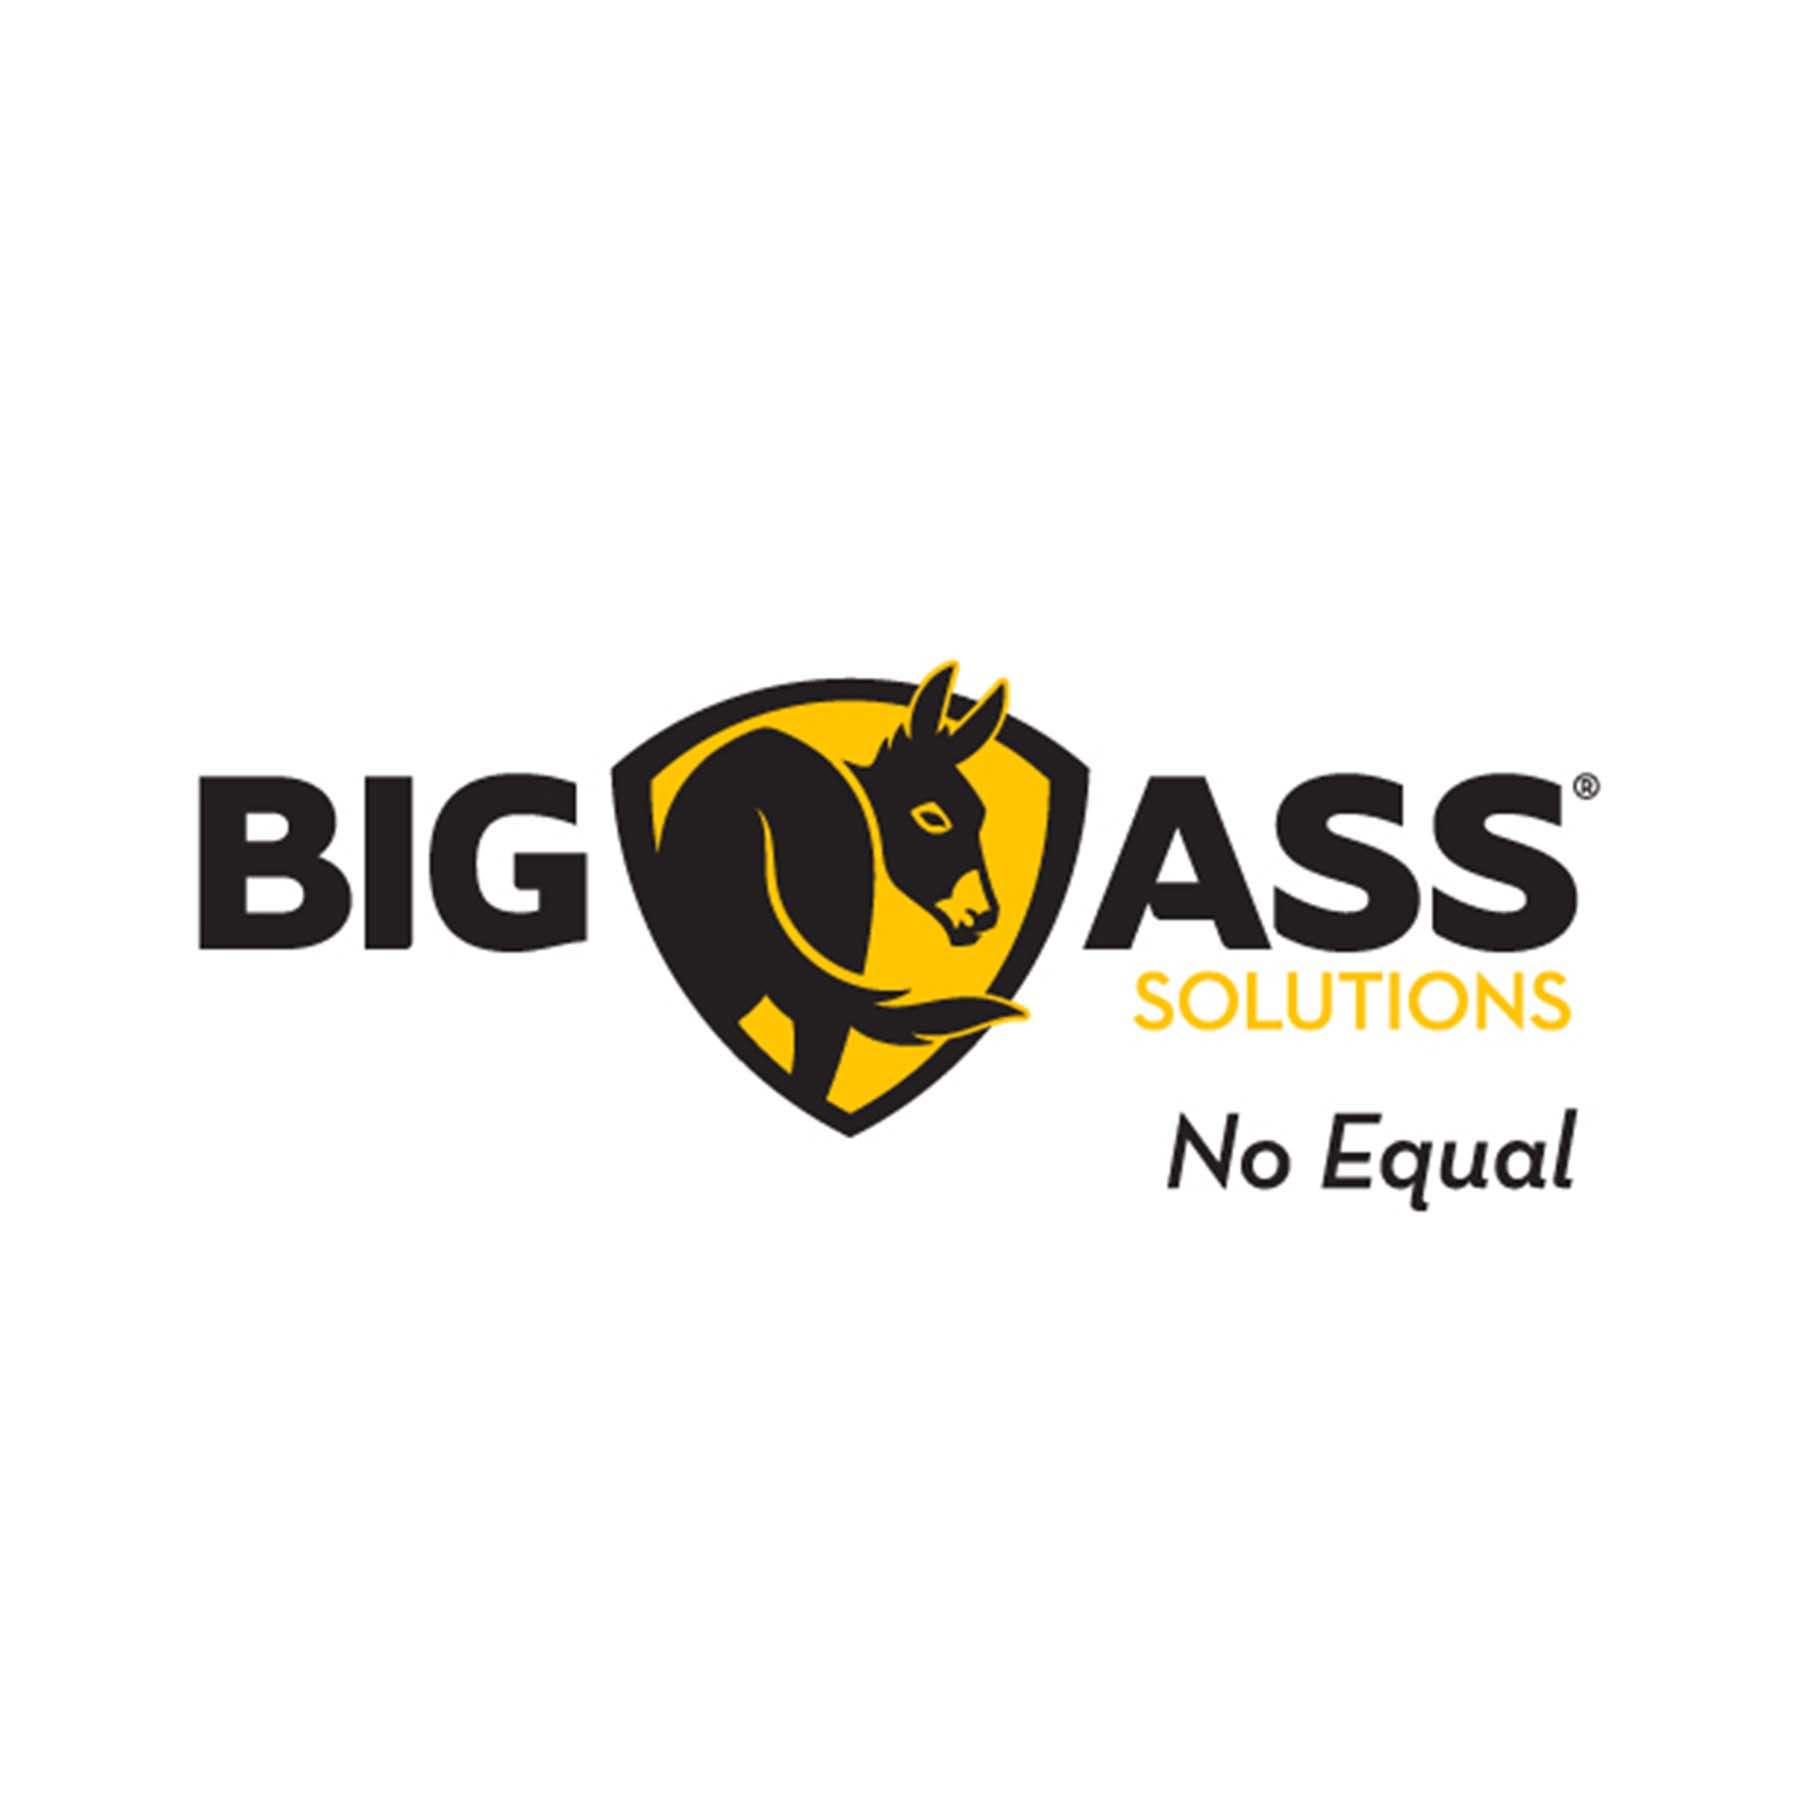 Big ass cкачать